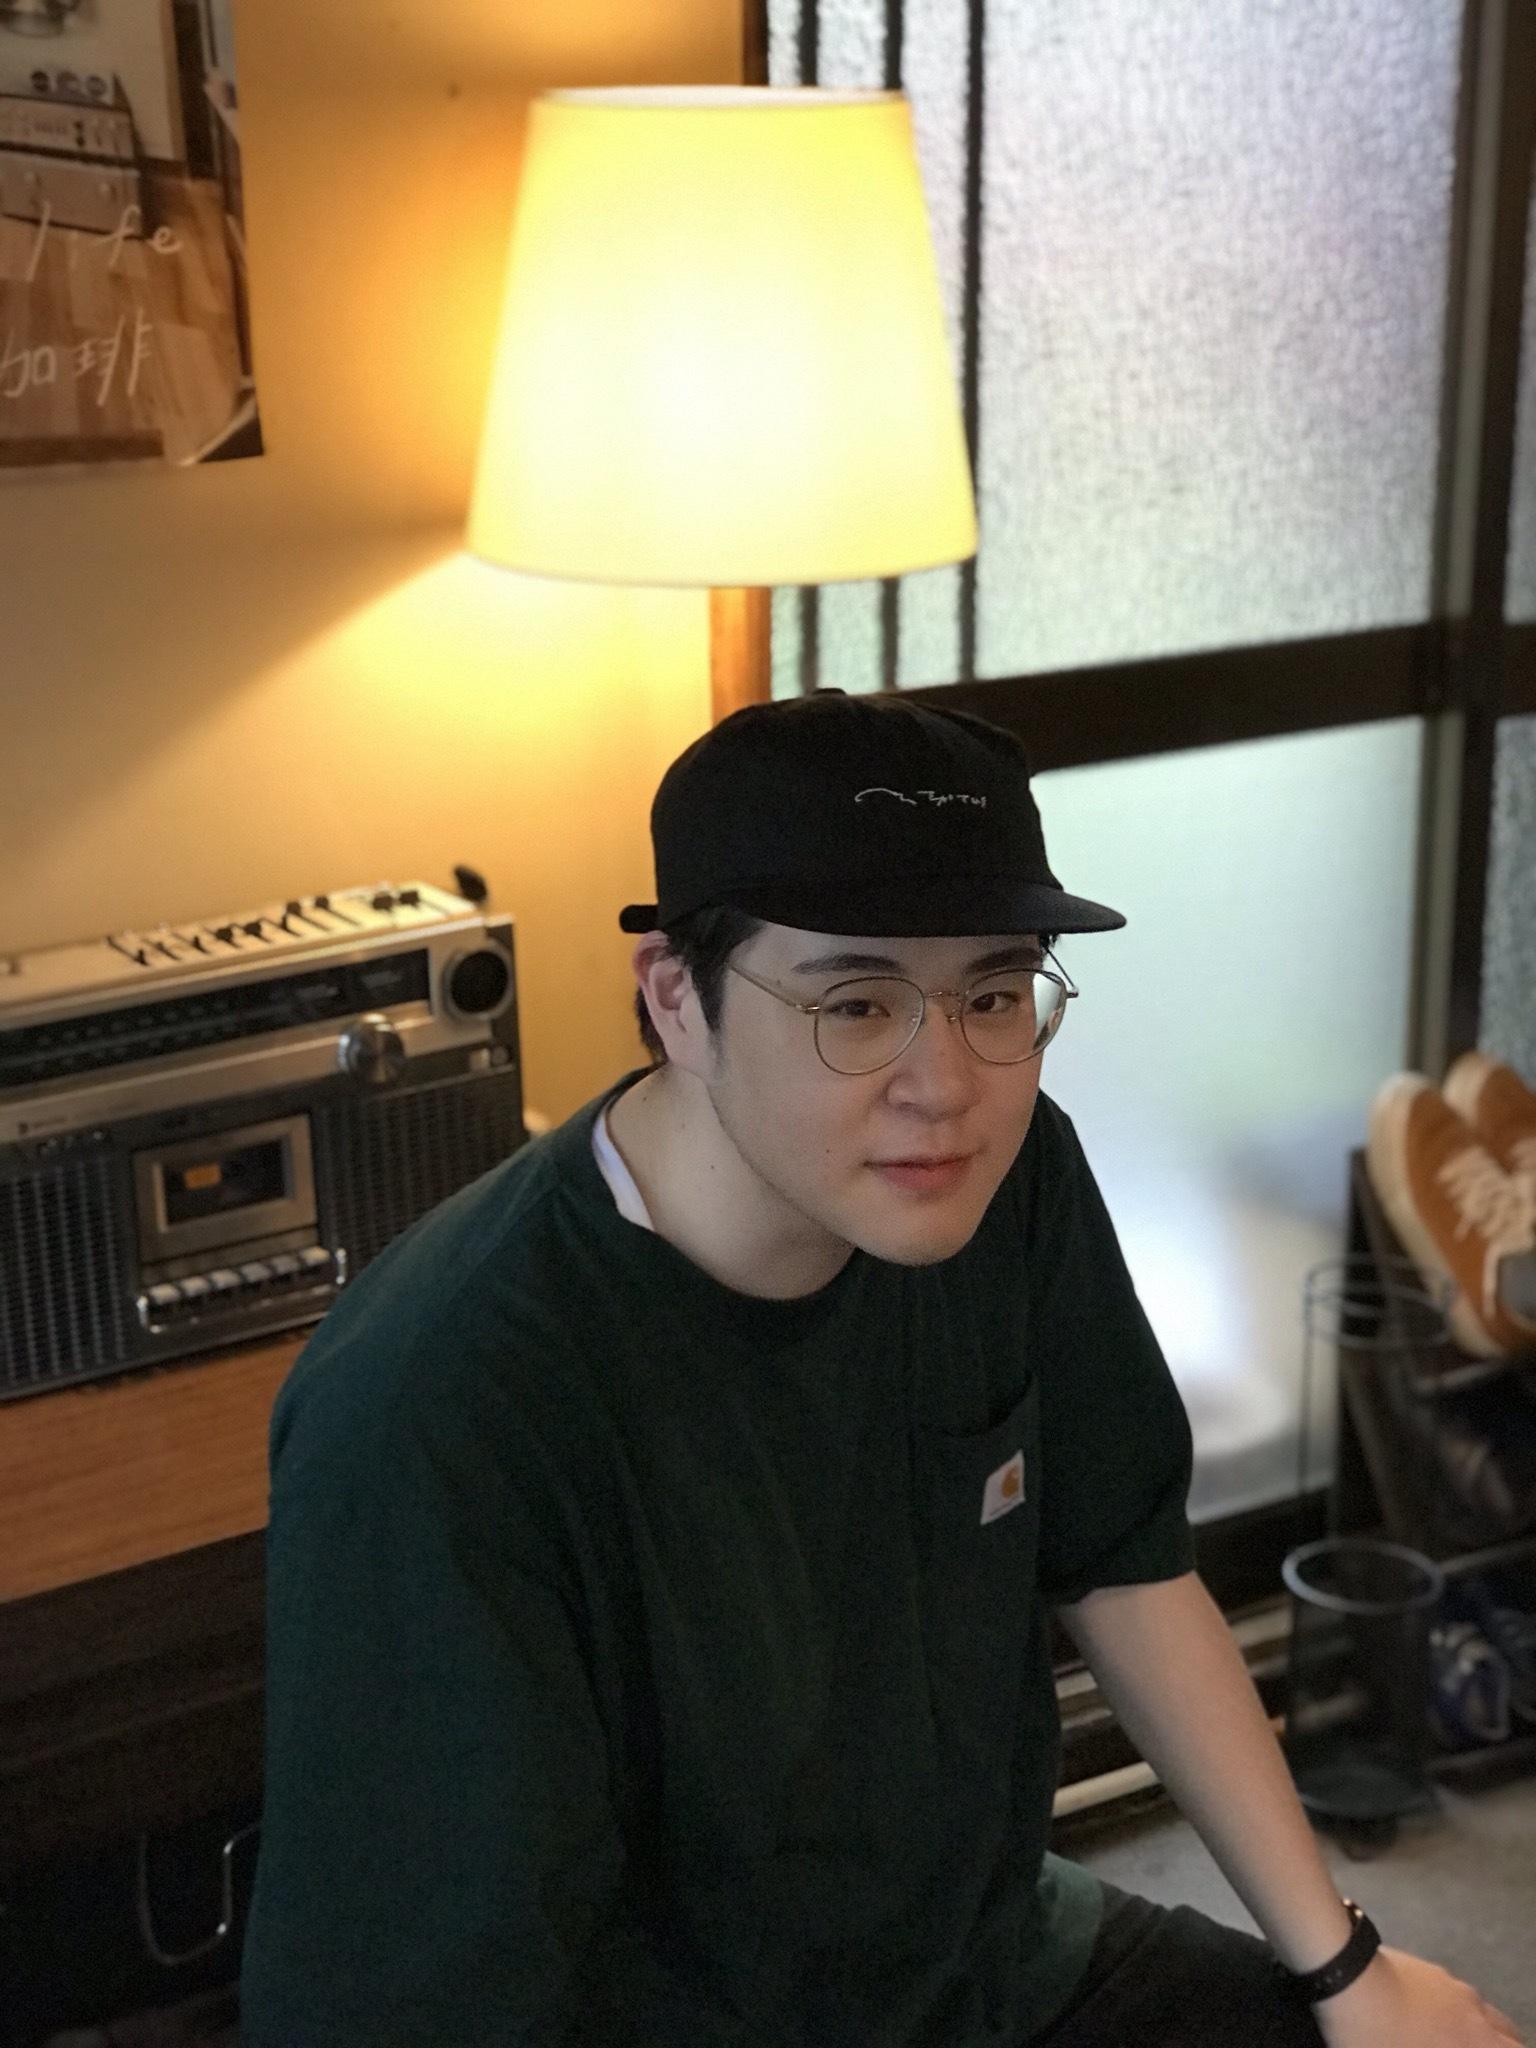 【のら珈琲】Cap(5W×のら珈琲)